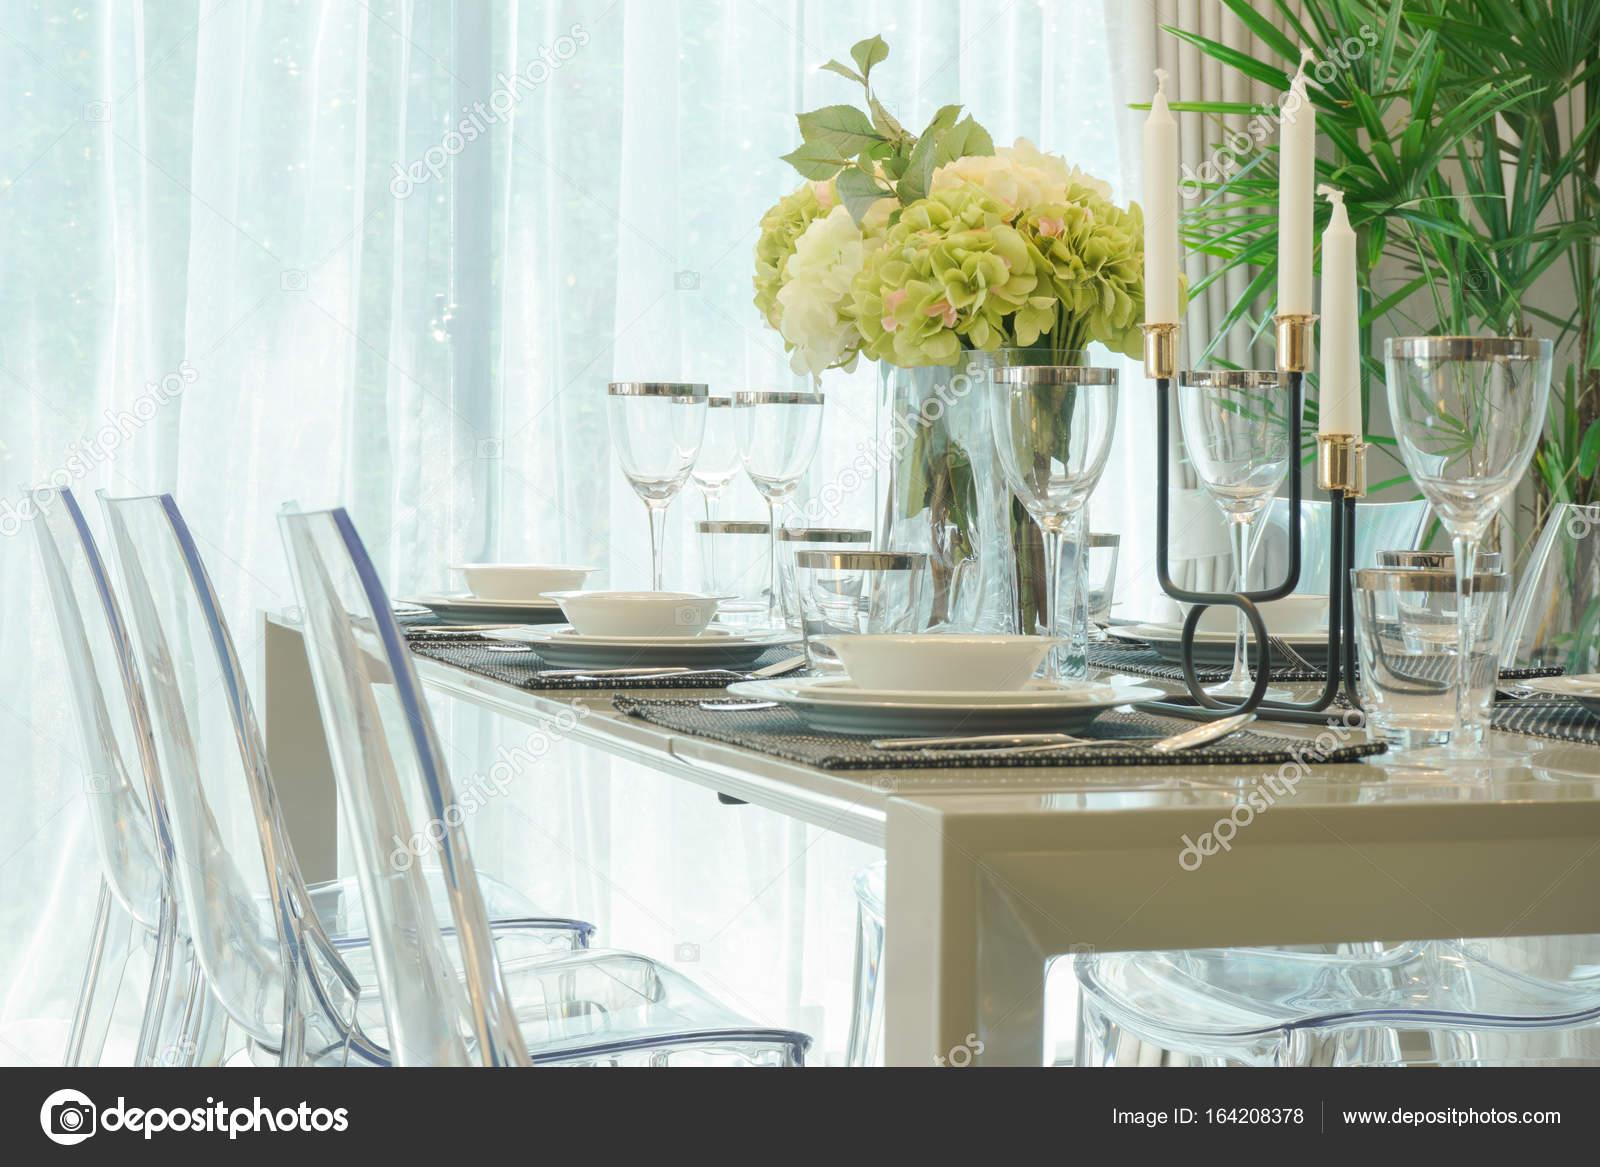 table a manger avec vase de fleurs dans la salle a manger images de stock libres de droits